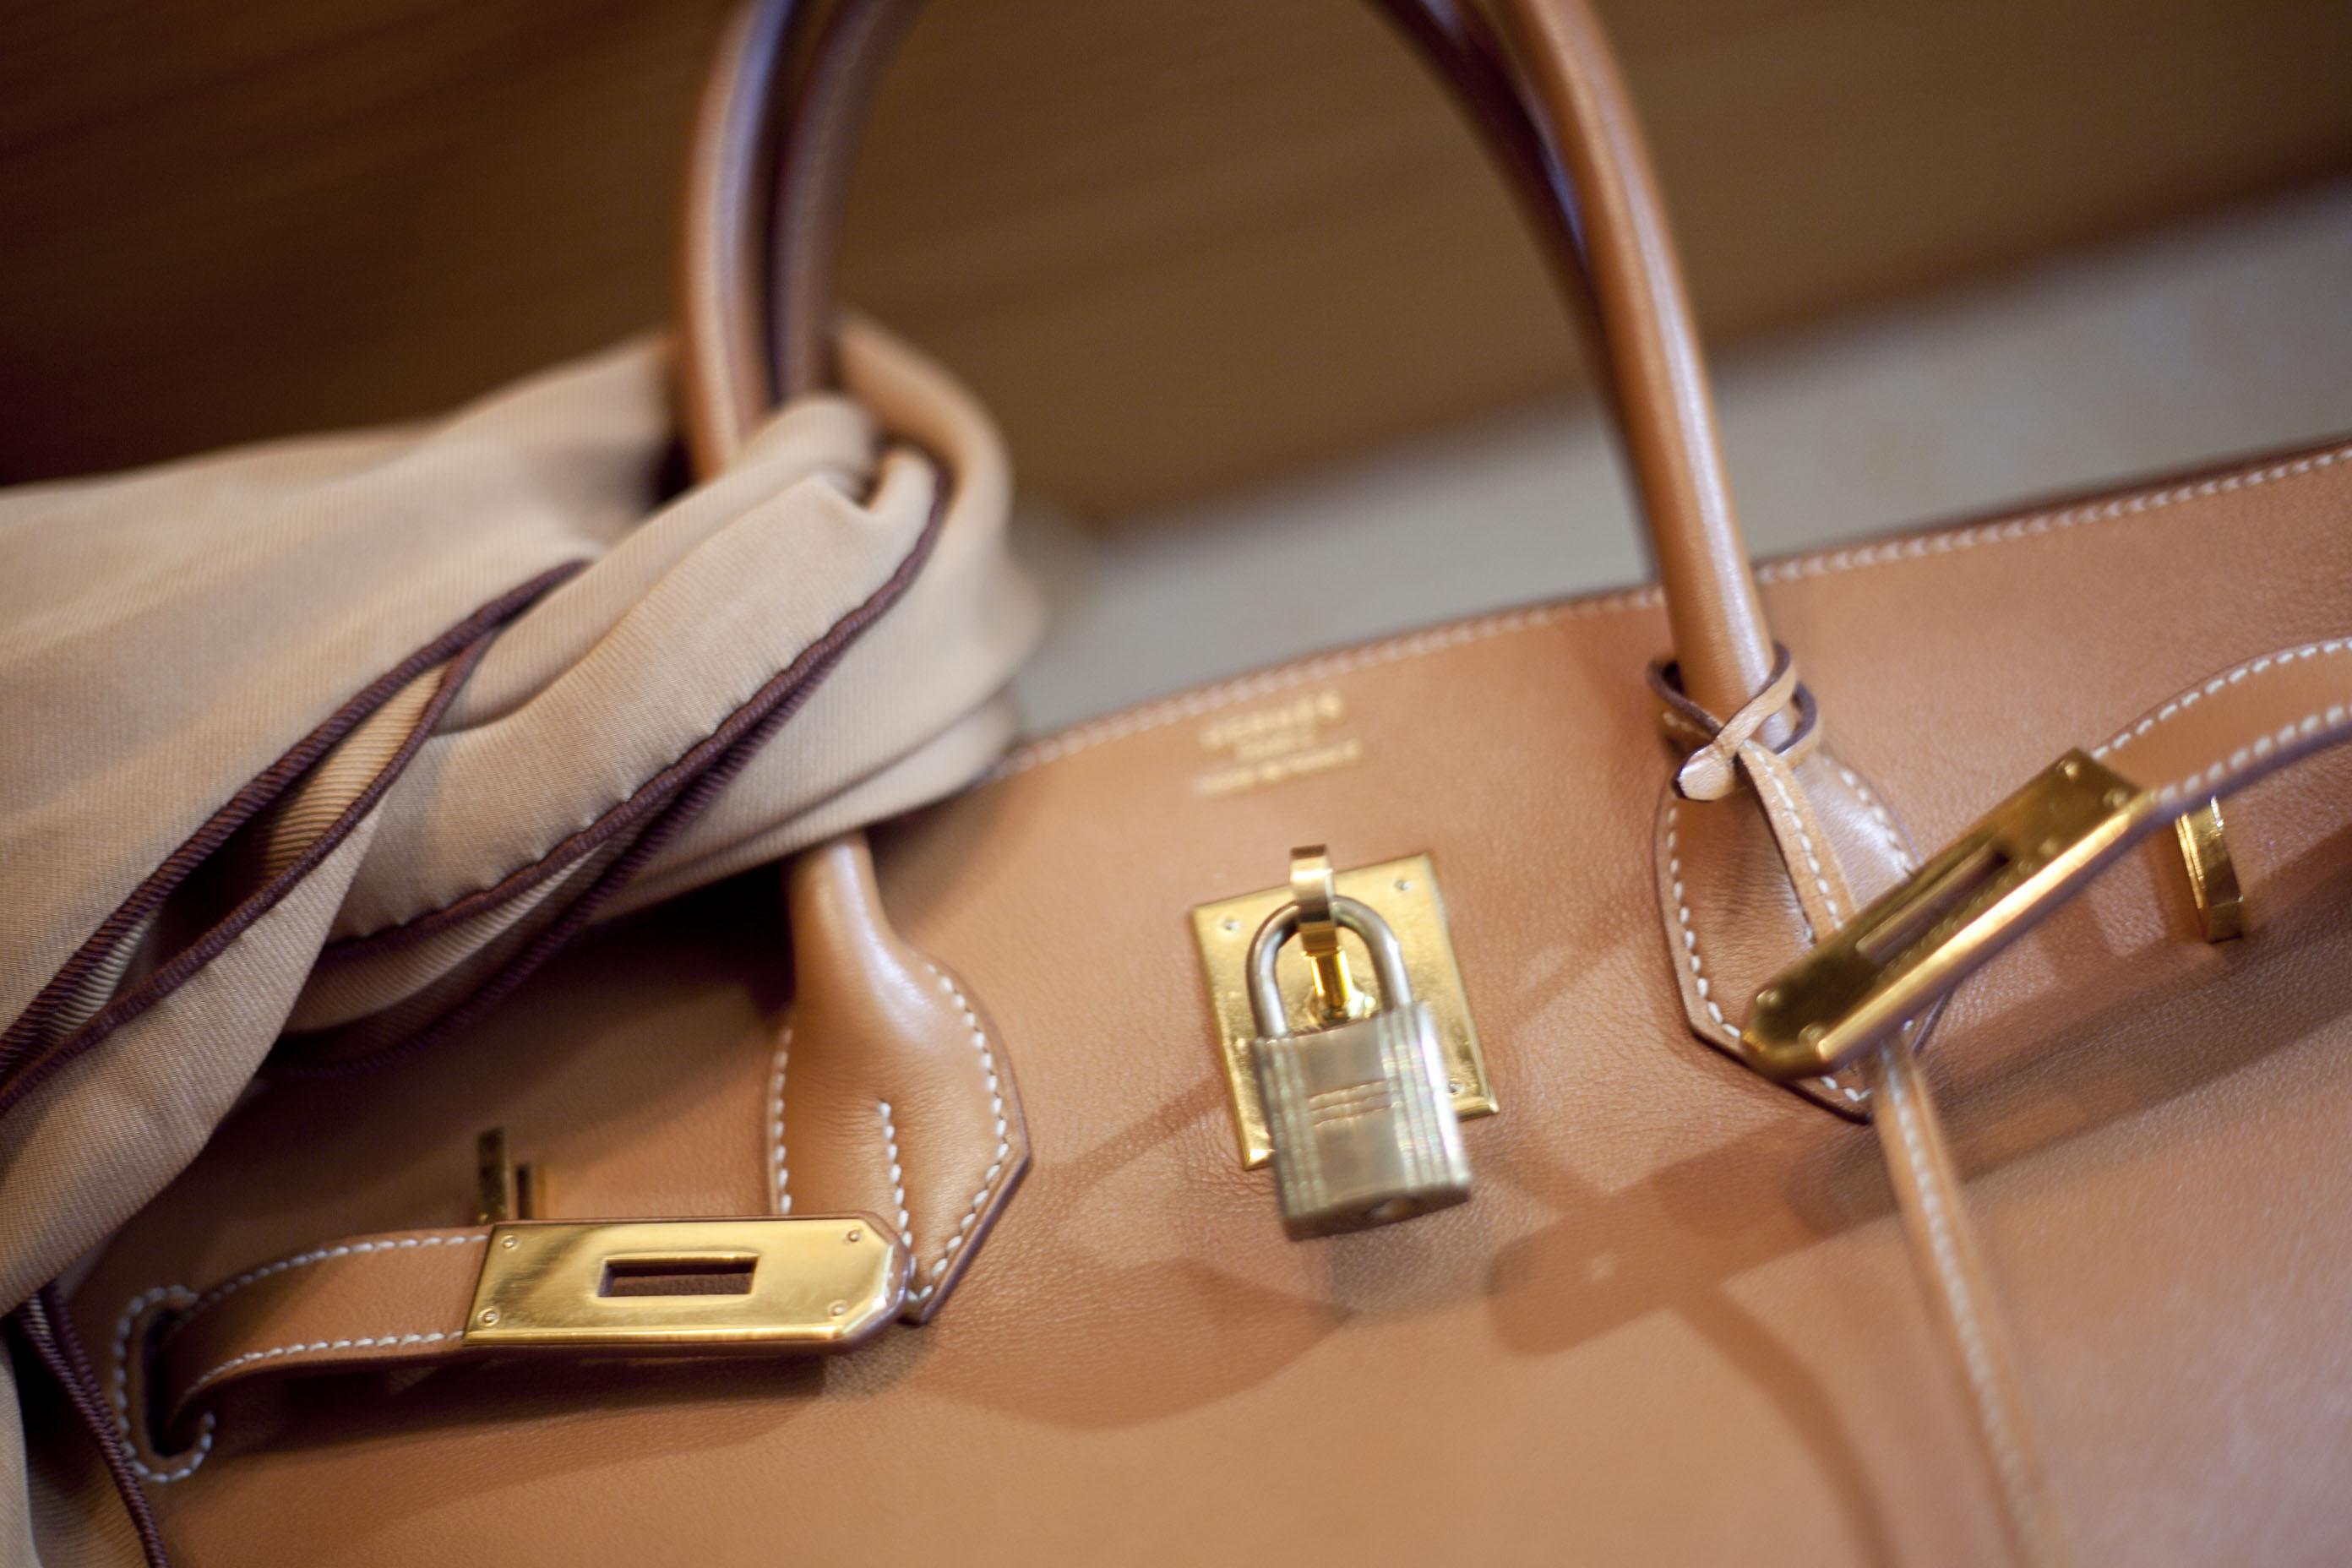 hermes paris handbags - A Girl, A Style | Paris: The Vintage Chanel and Hermes Emporium ...